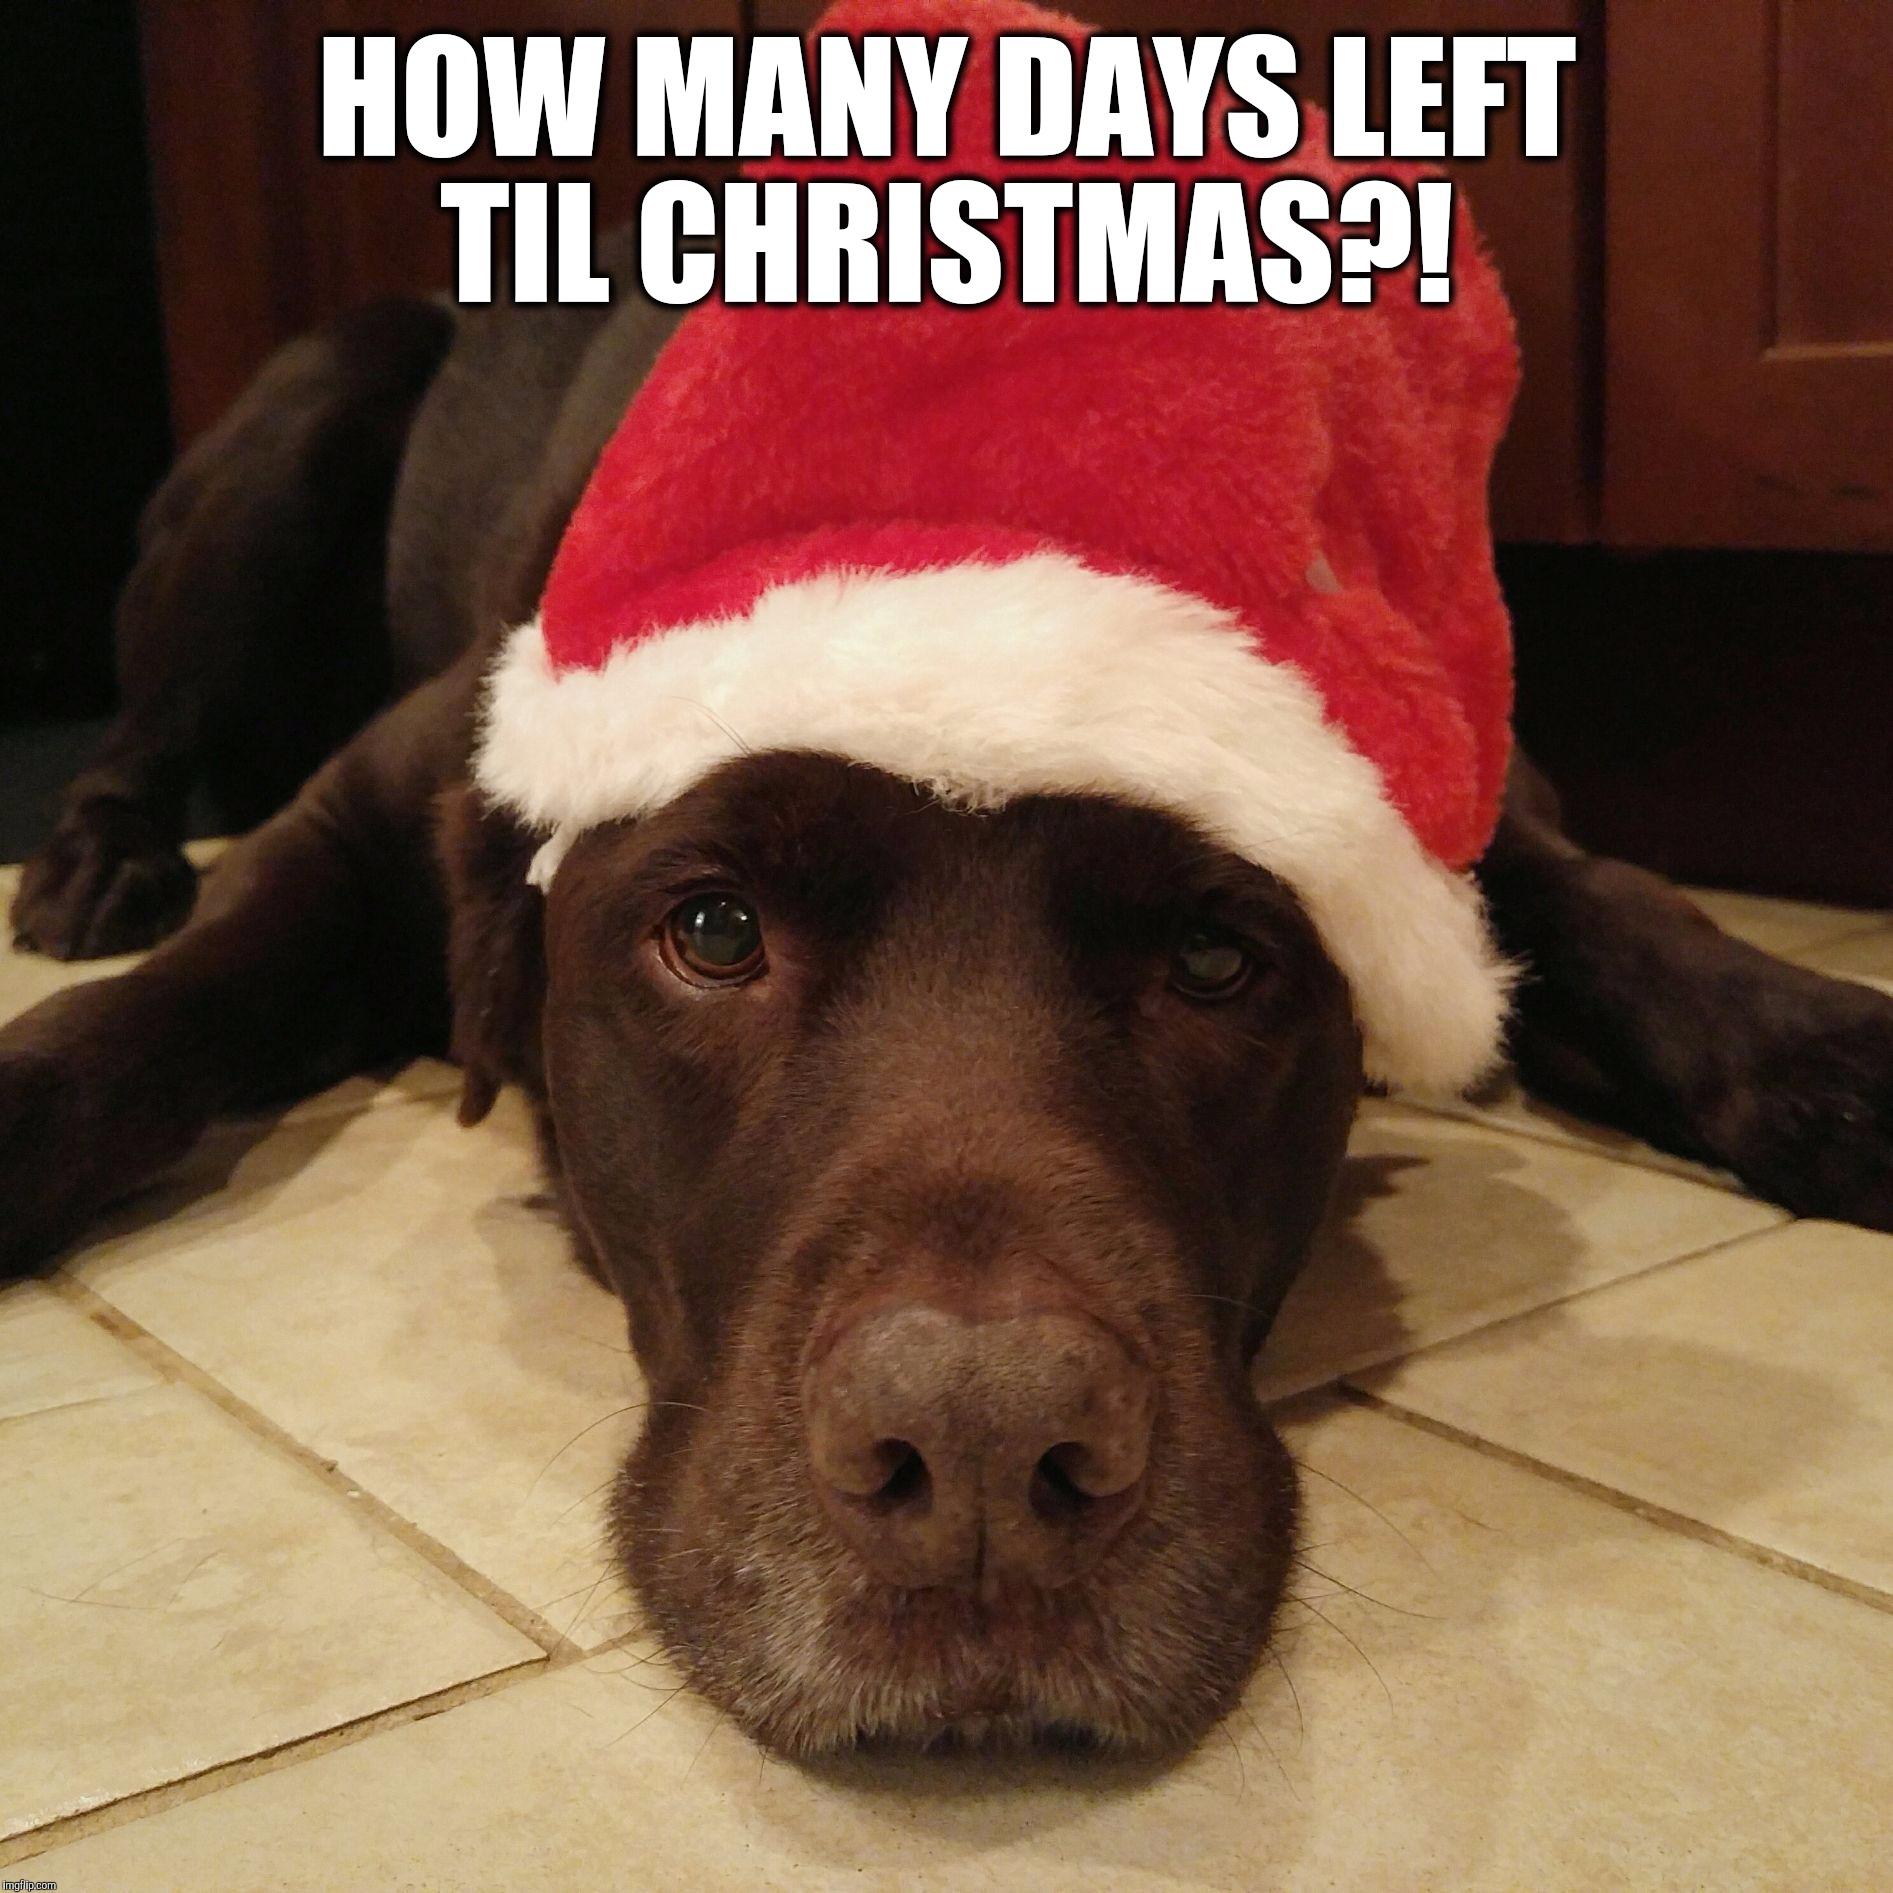 How Many Days Till Christmas Meme.How Many Days Til Christmas Imgflip